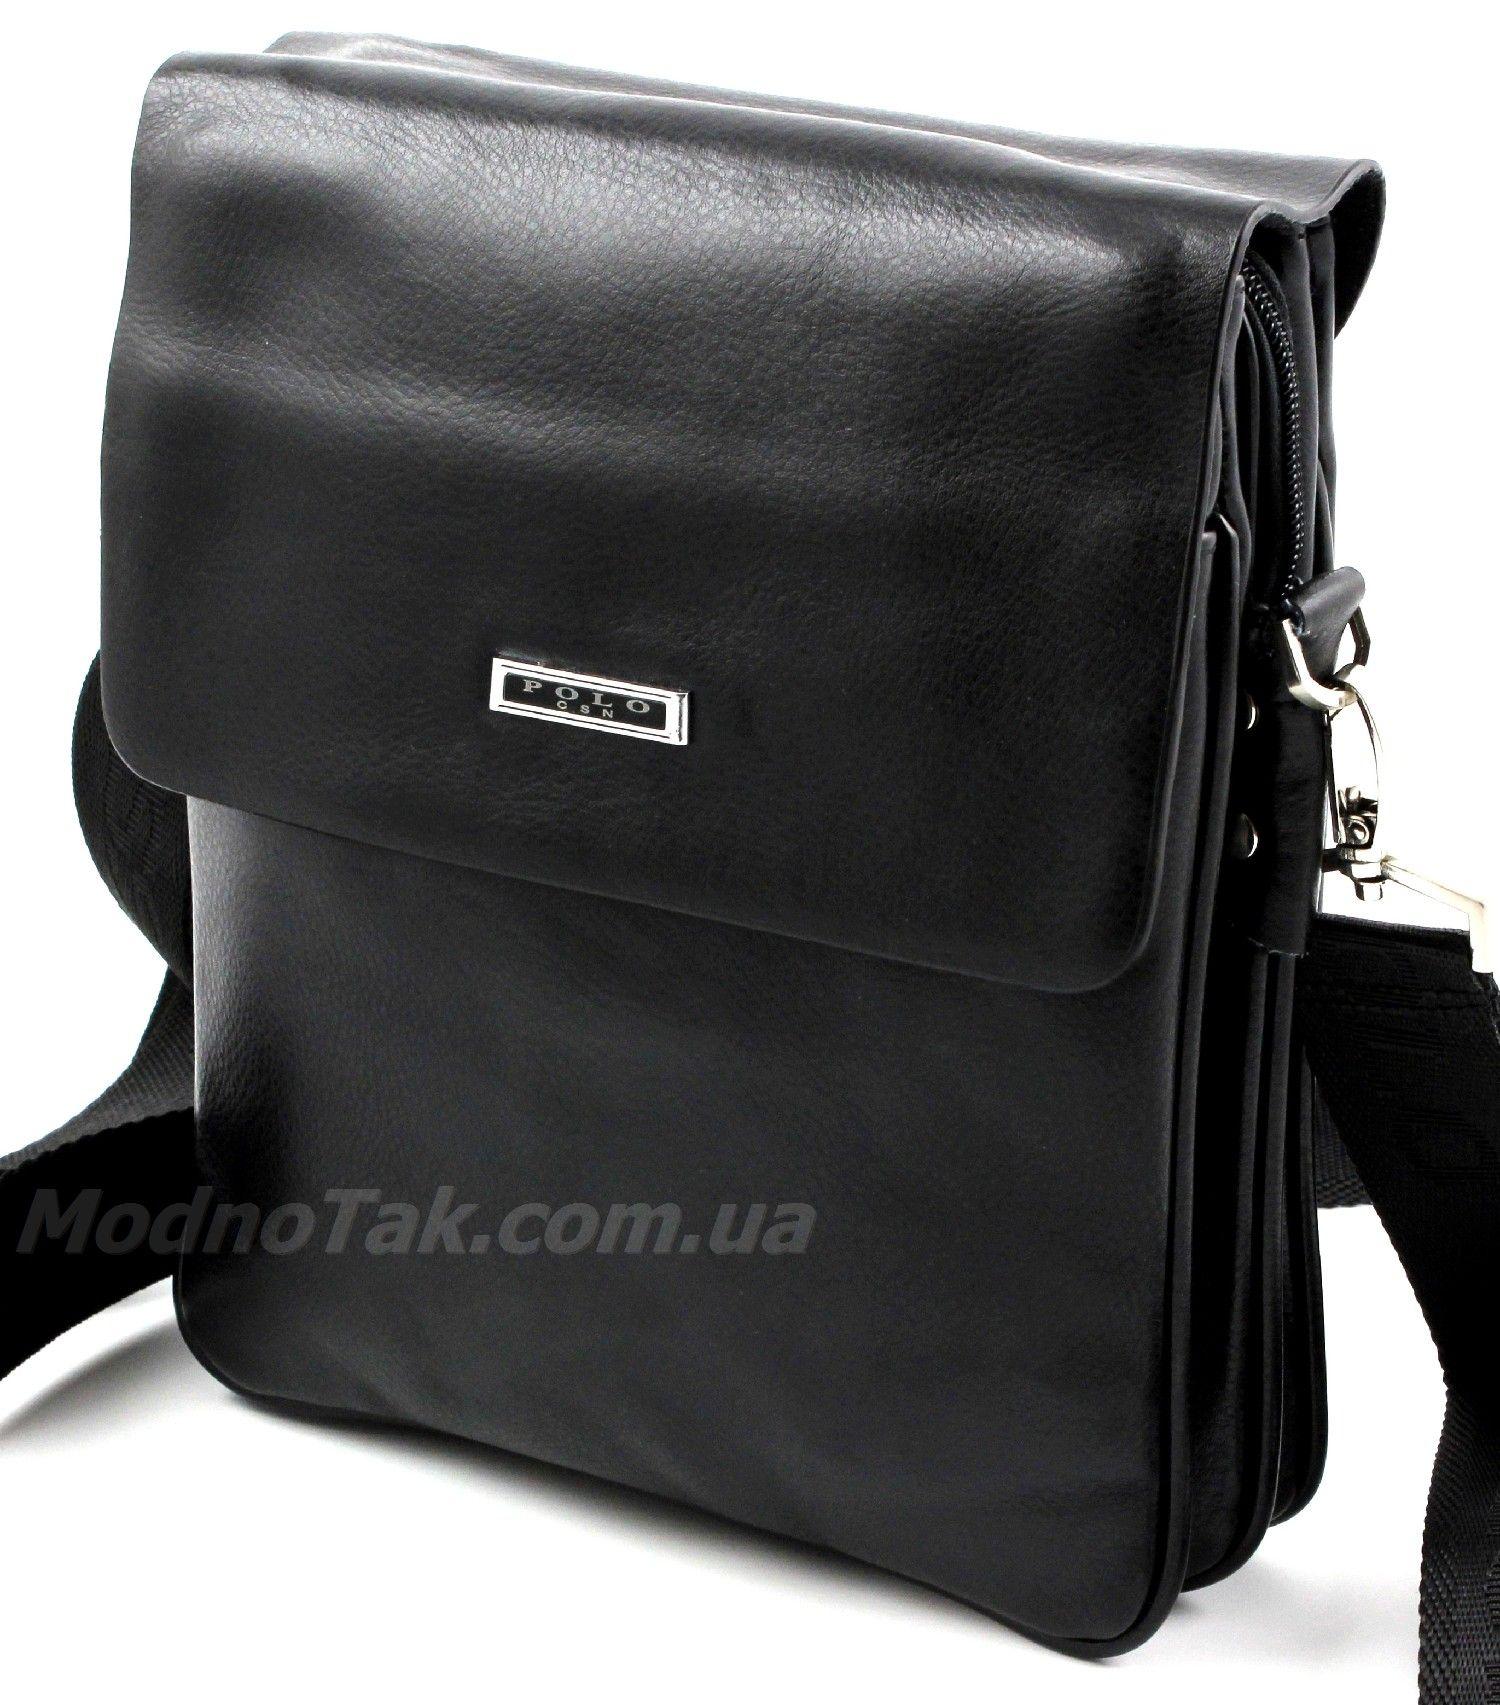 d2340e8a6cf5 Мужские сумки из кожзама – купить недорого вертикальную наплечную ...